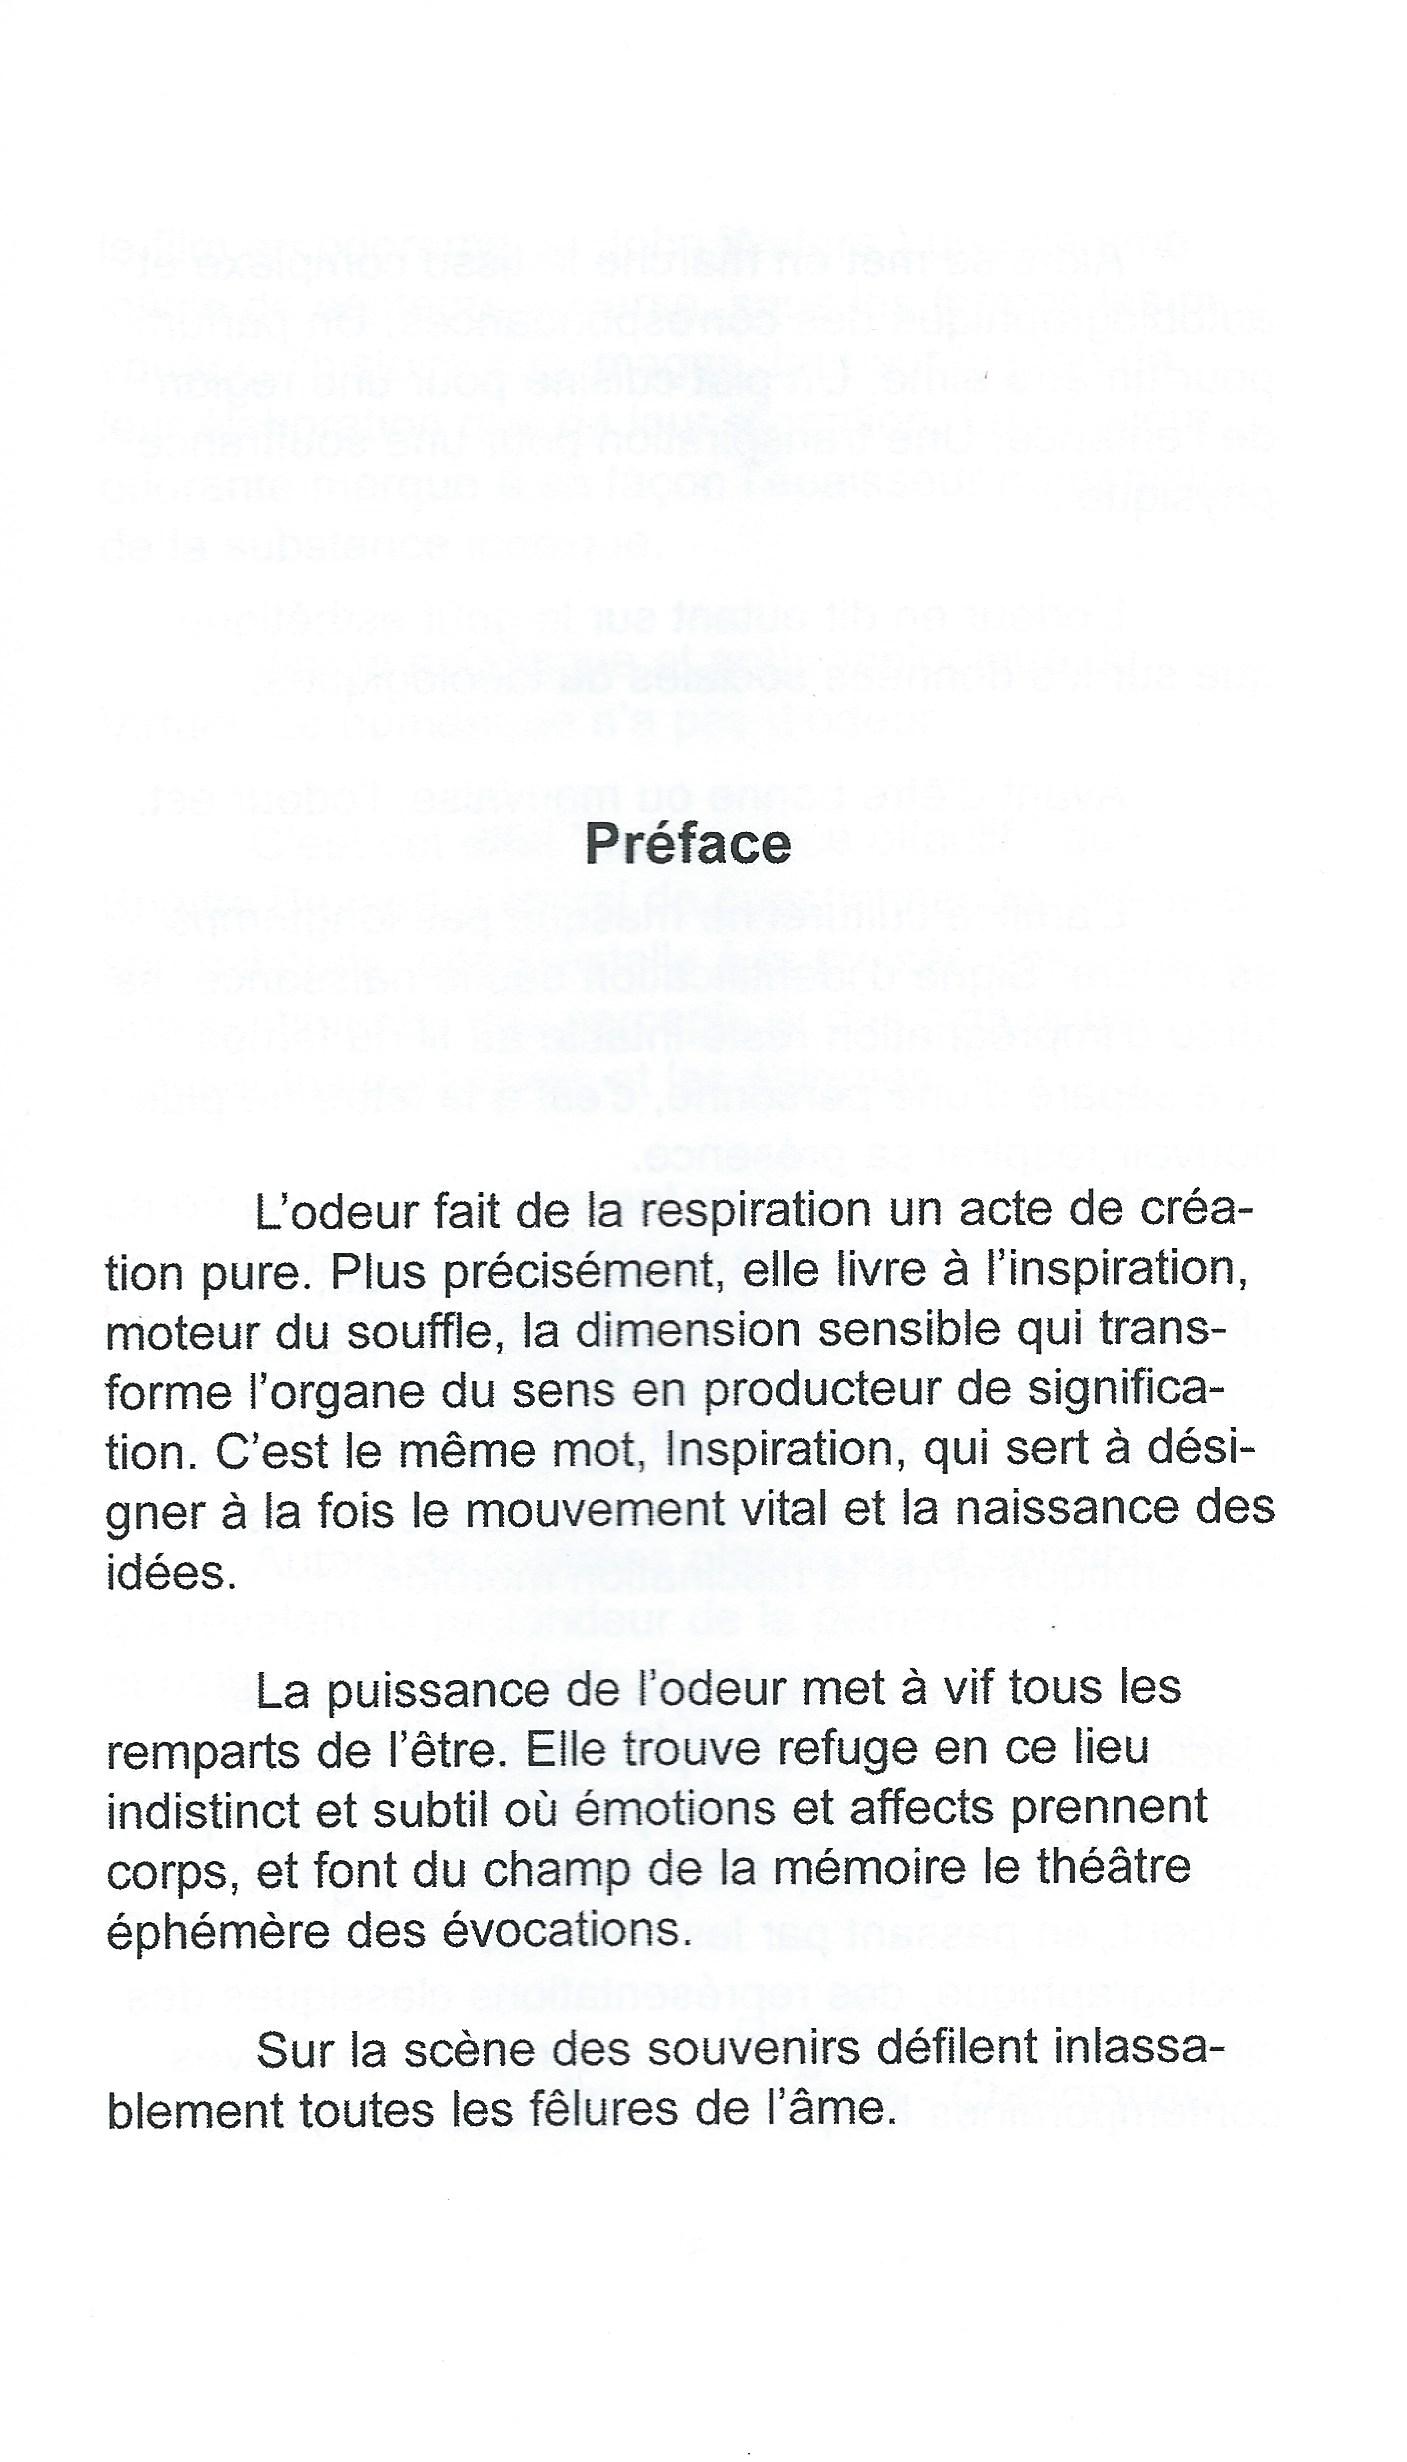 preface-parfum-des-mots-1